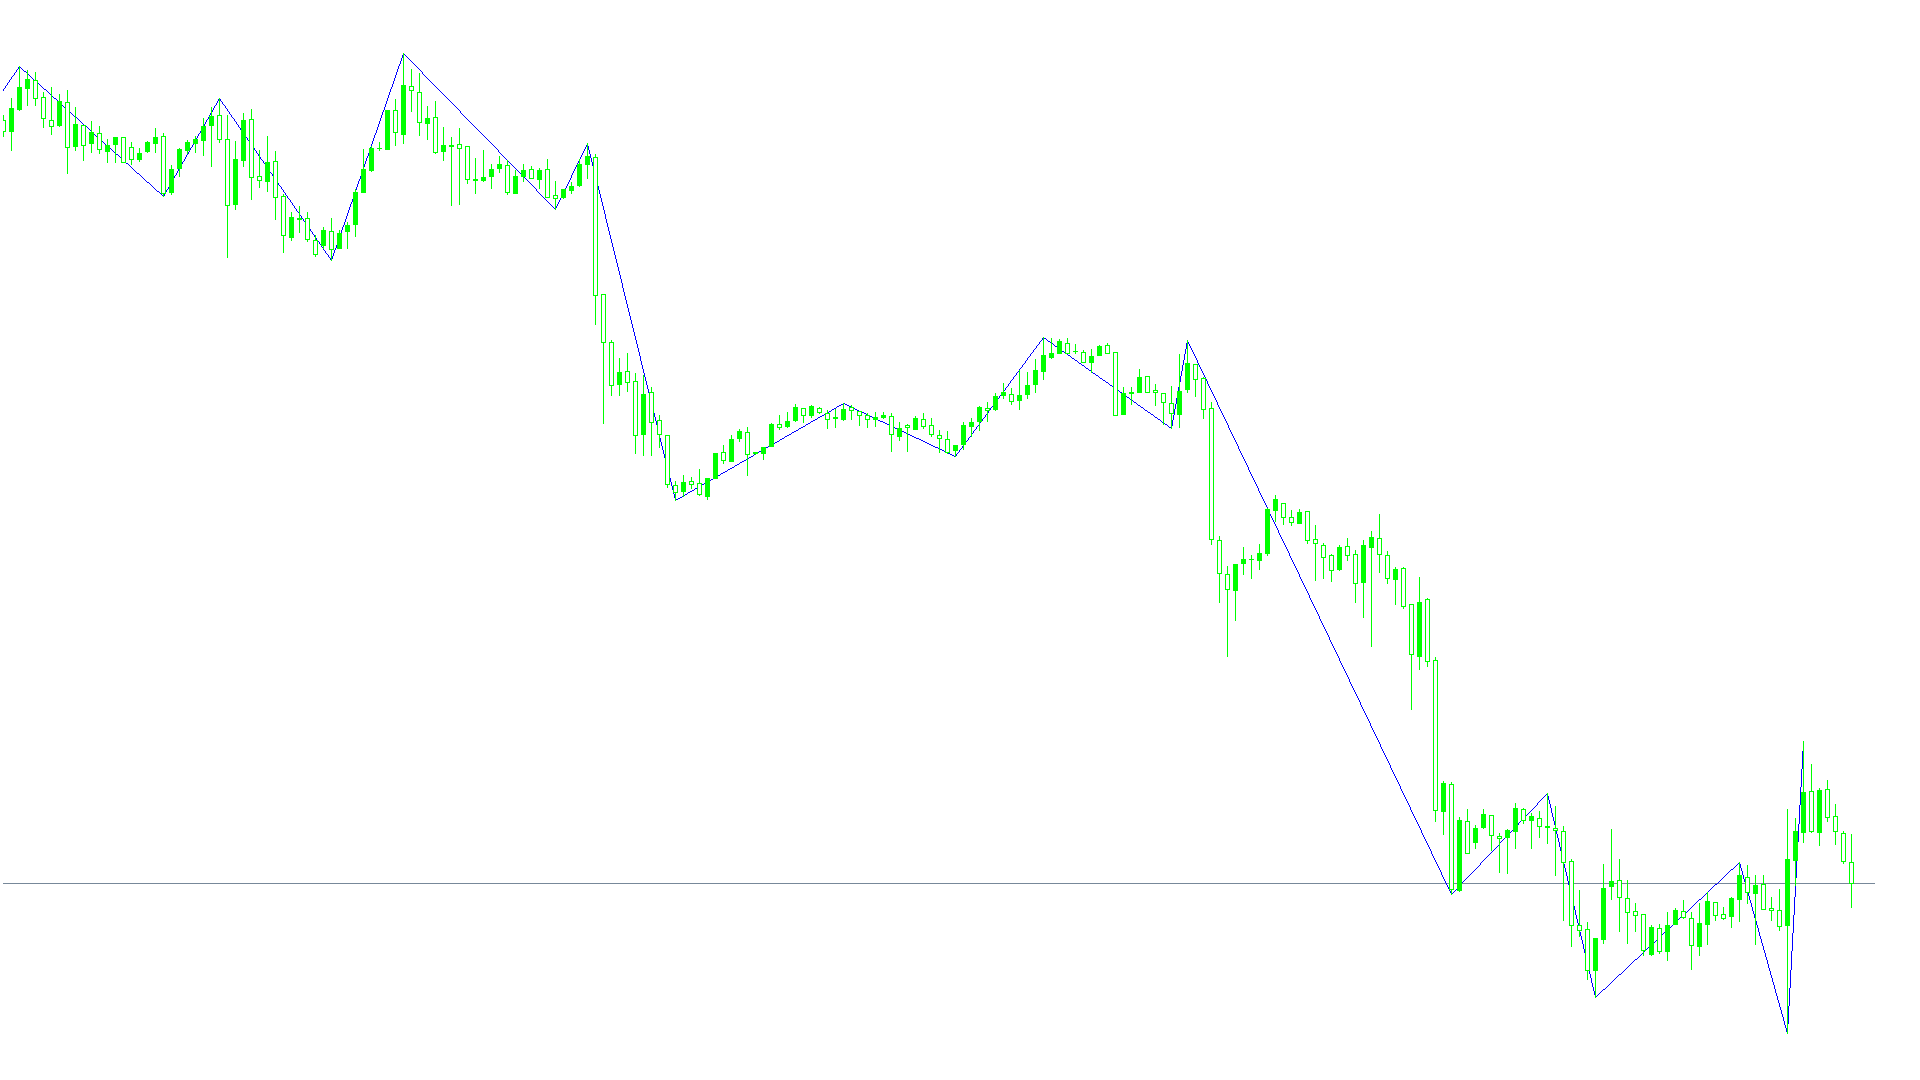 Zigzag2_Rスクリーンショット